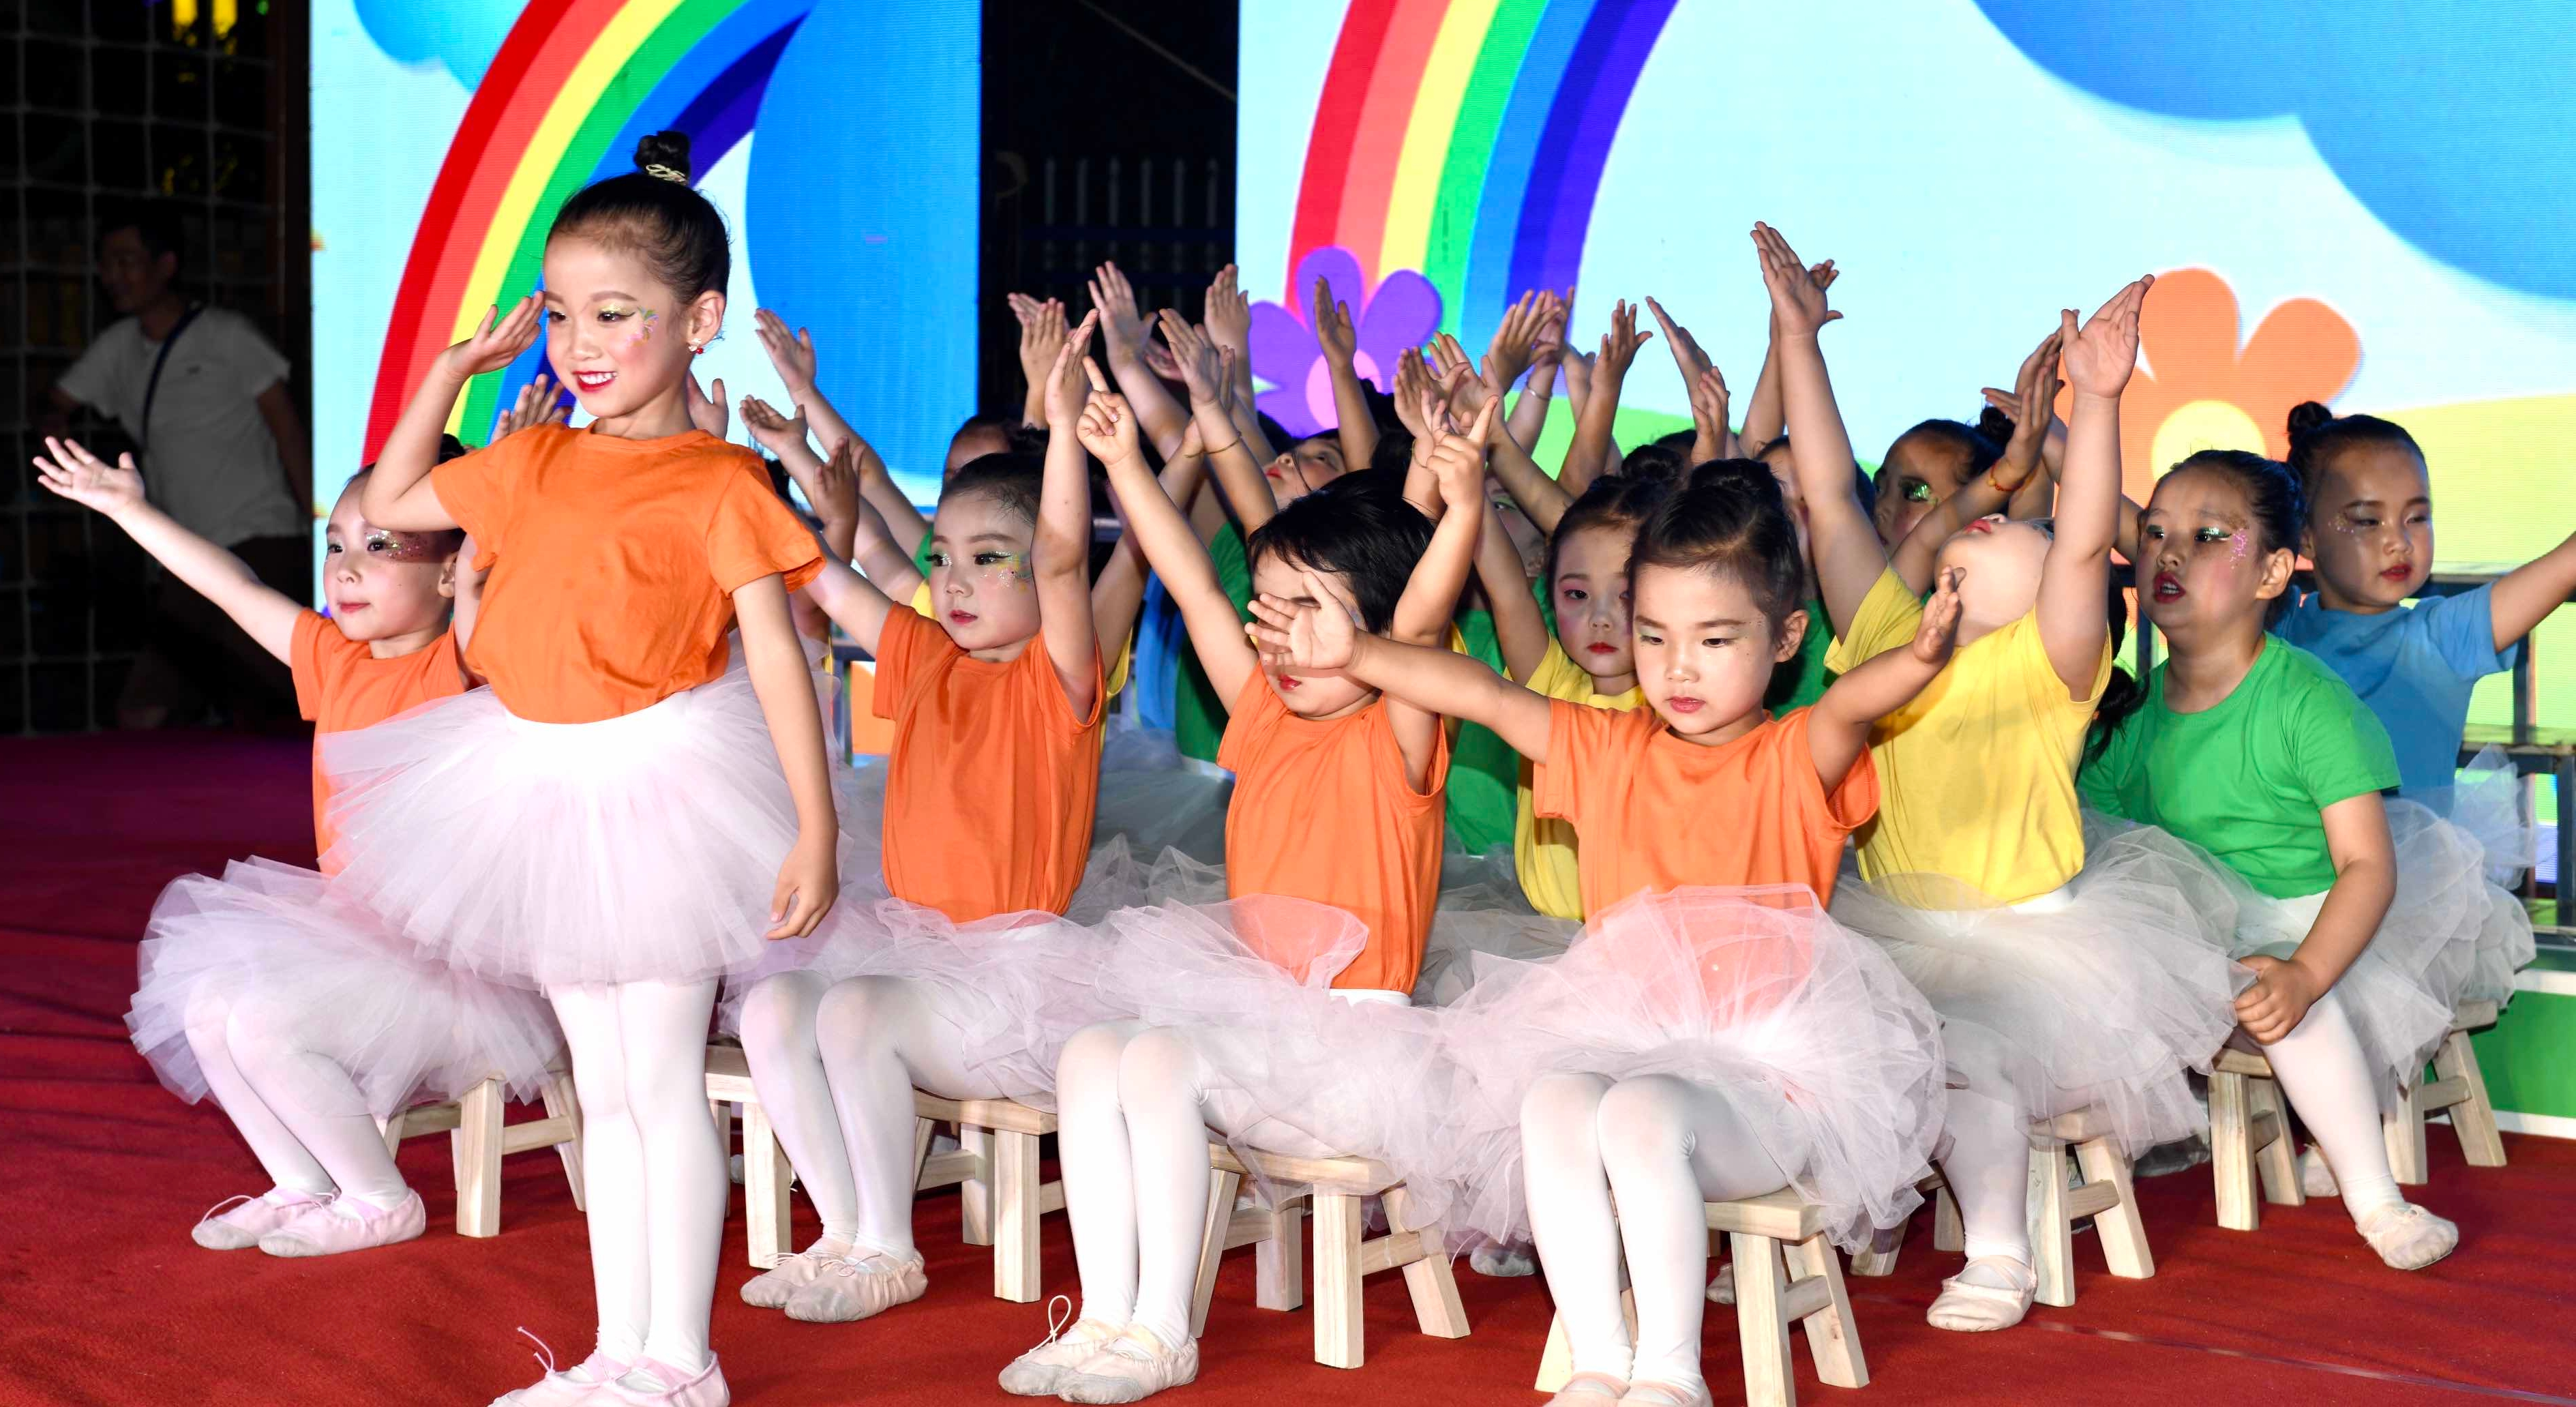 临潼区东关幼儿园举行2021届大班幼儿毕业典礼